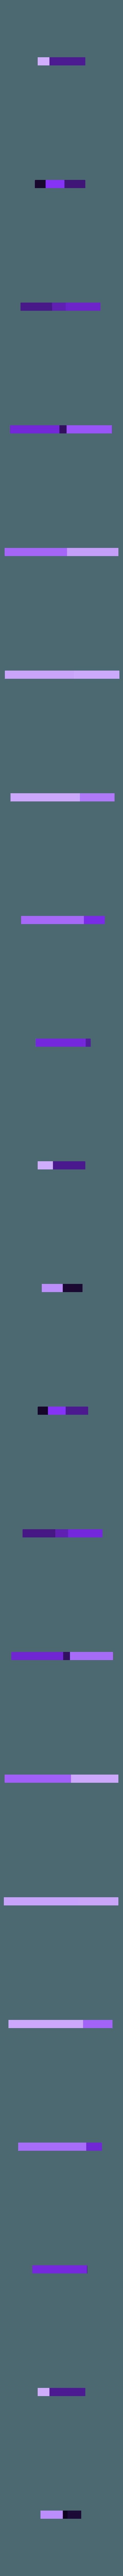 Harry_scar.STL Télécharger fichier STL gratuit Sous-verres multicolores Harry Potter • Design pour impression 3D, MosaicManufacturing